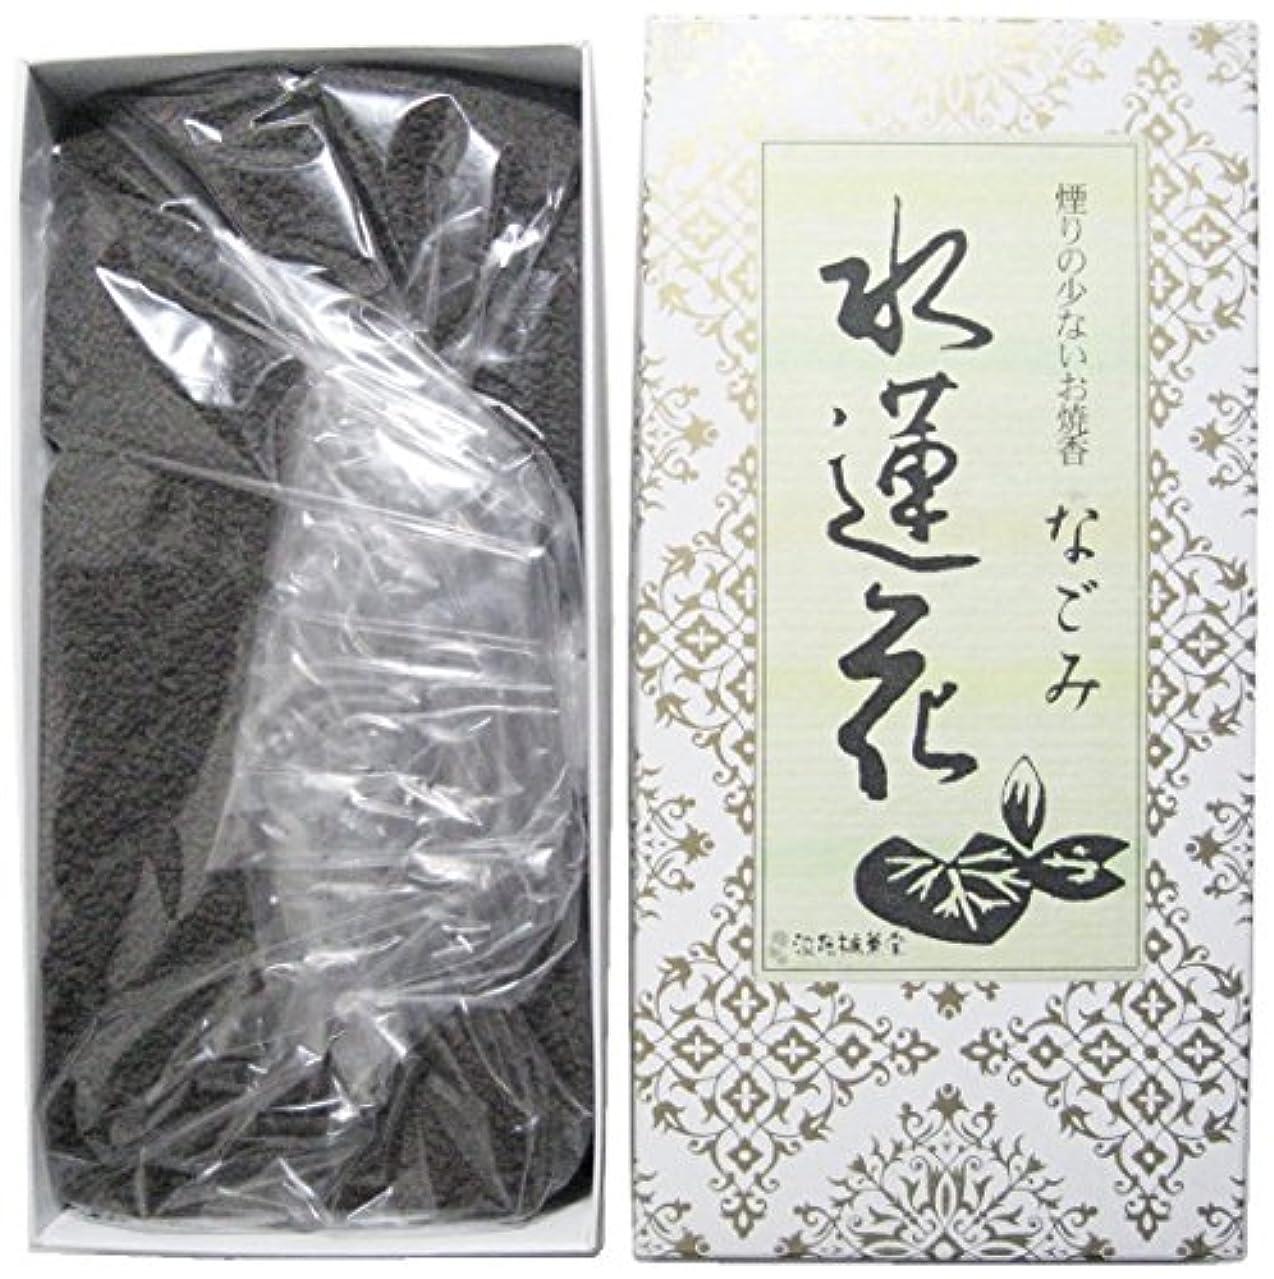 マエストロ寝具タービン淡路梅薫堂の煙の少ないお焼香 なごみ 水蓮花 500g #931 お焼香用 けむりの少ないお香